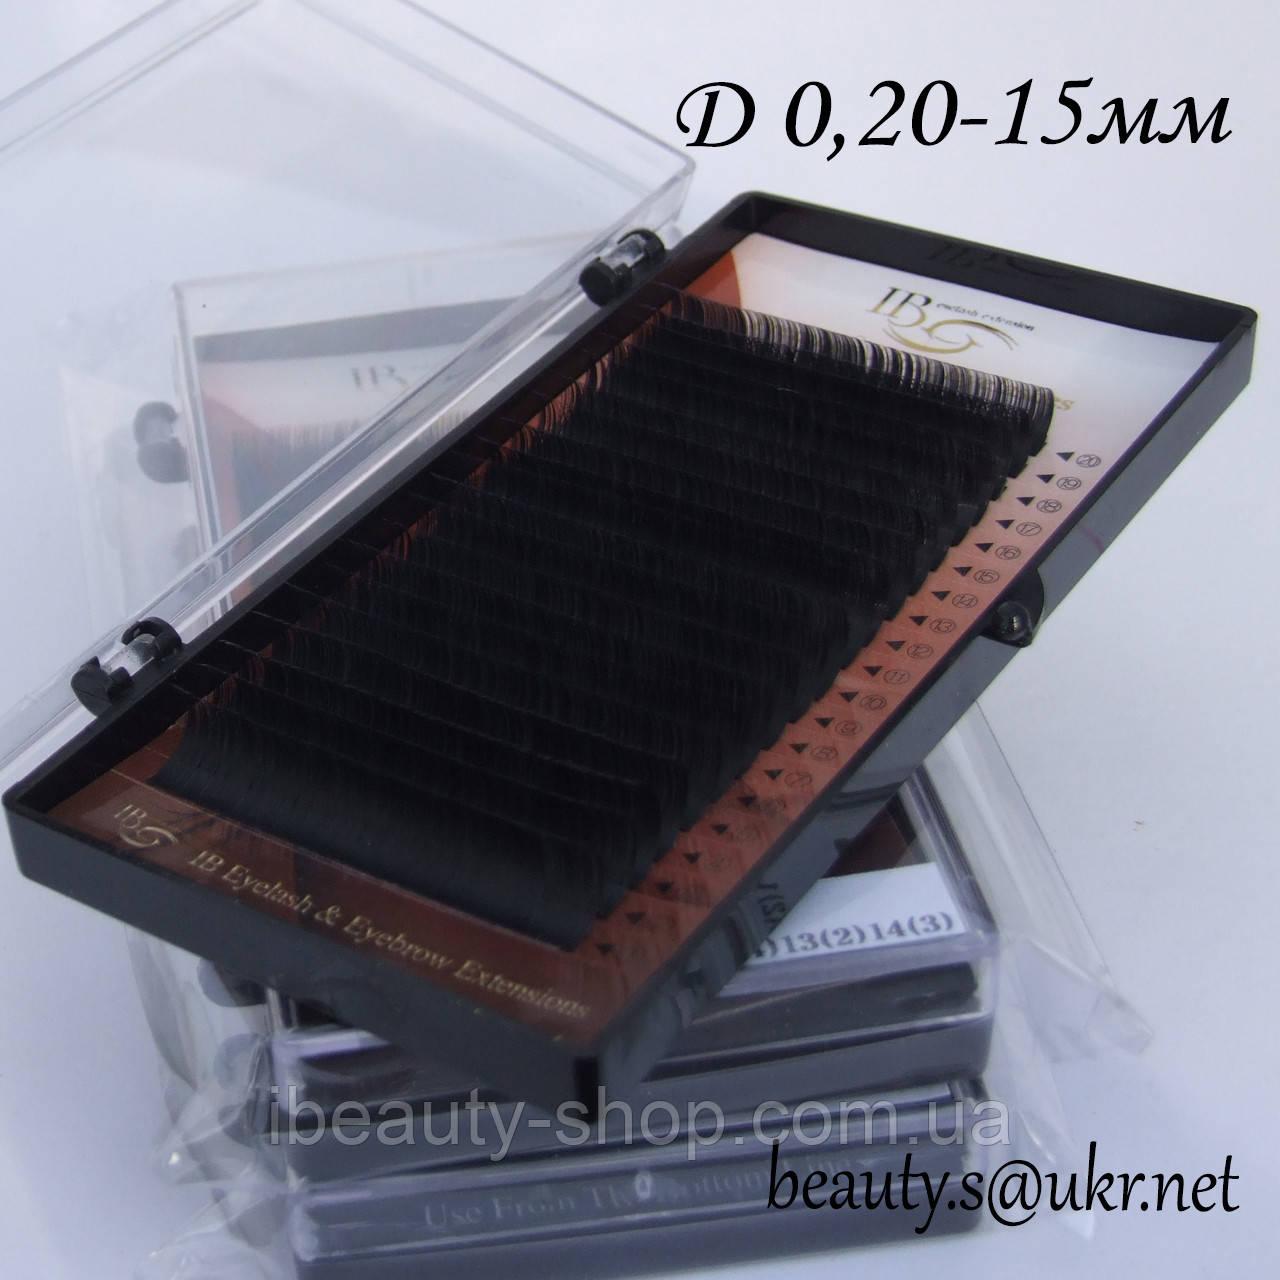 Вії I-Beauty на стрічці D-0,20 15мм